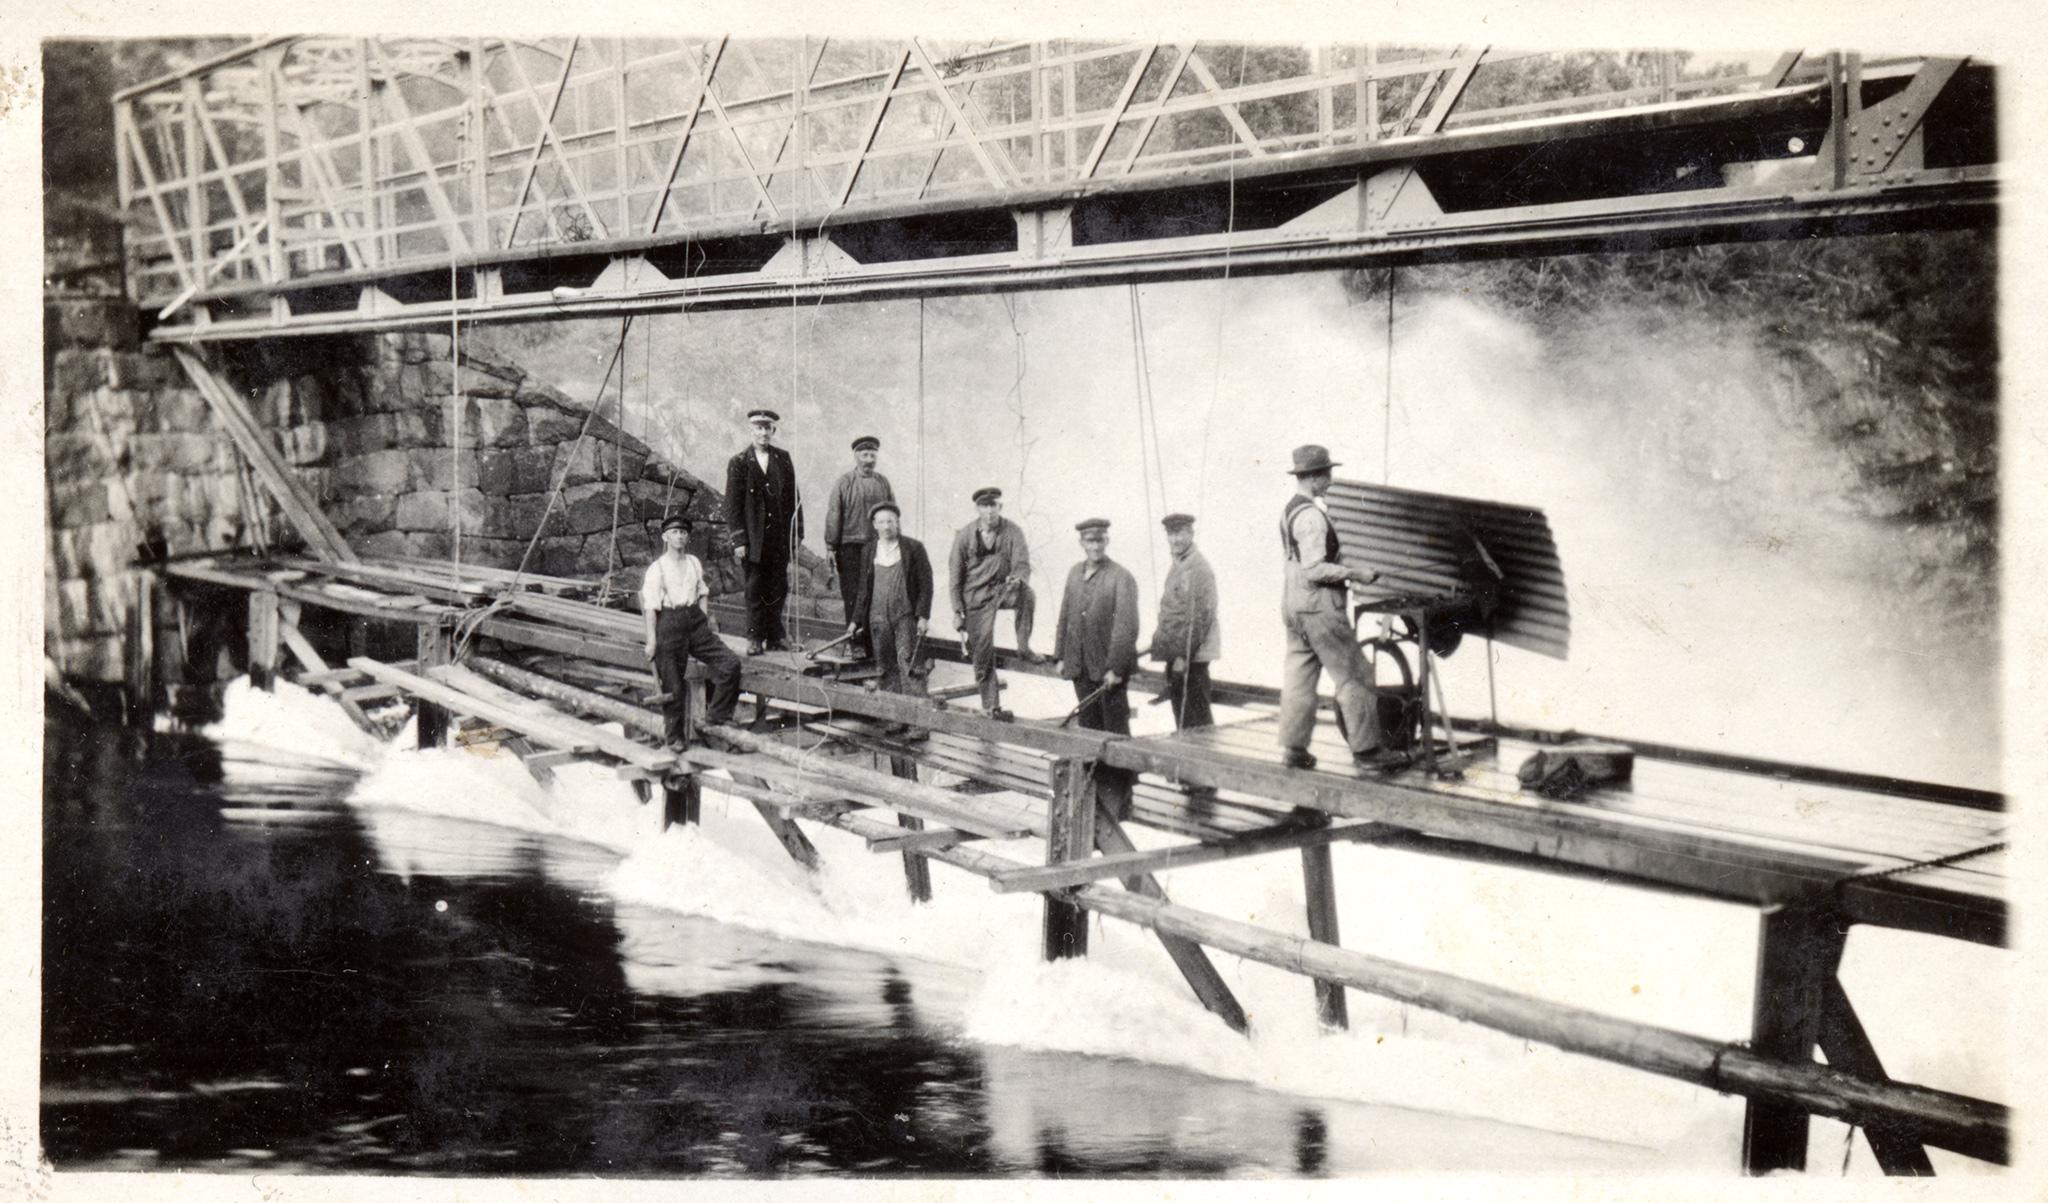 Slusevoktere jobber med vedlikehold av dammen i Vrangfoss. Alle har uniformslue med unntak av smeden som jobber ved den mobile essa.